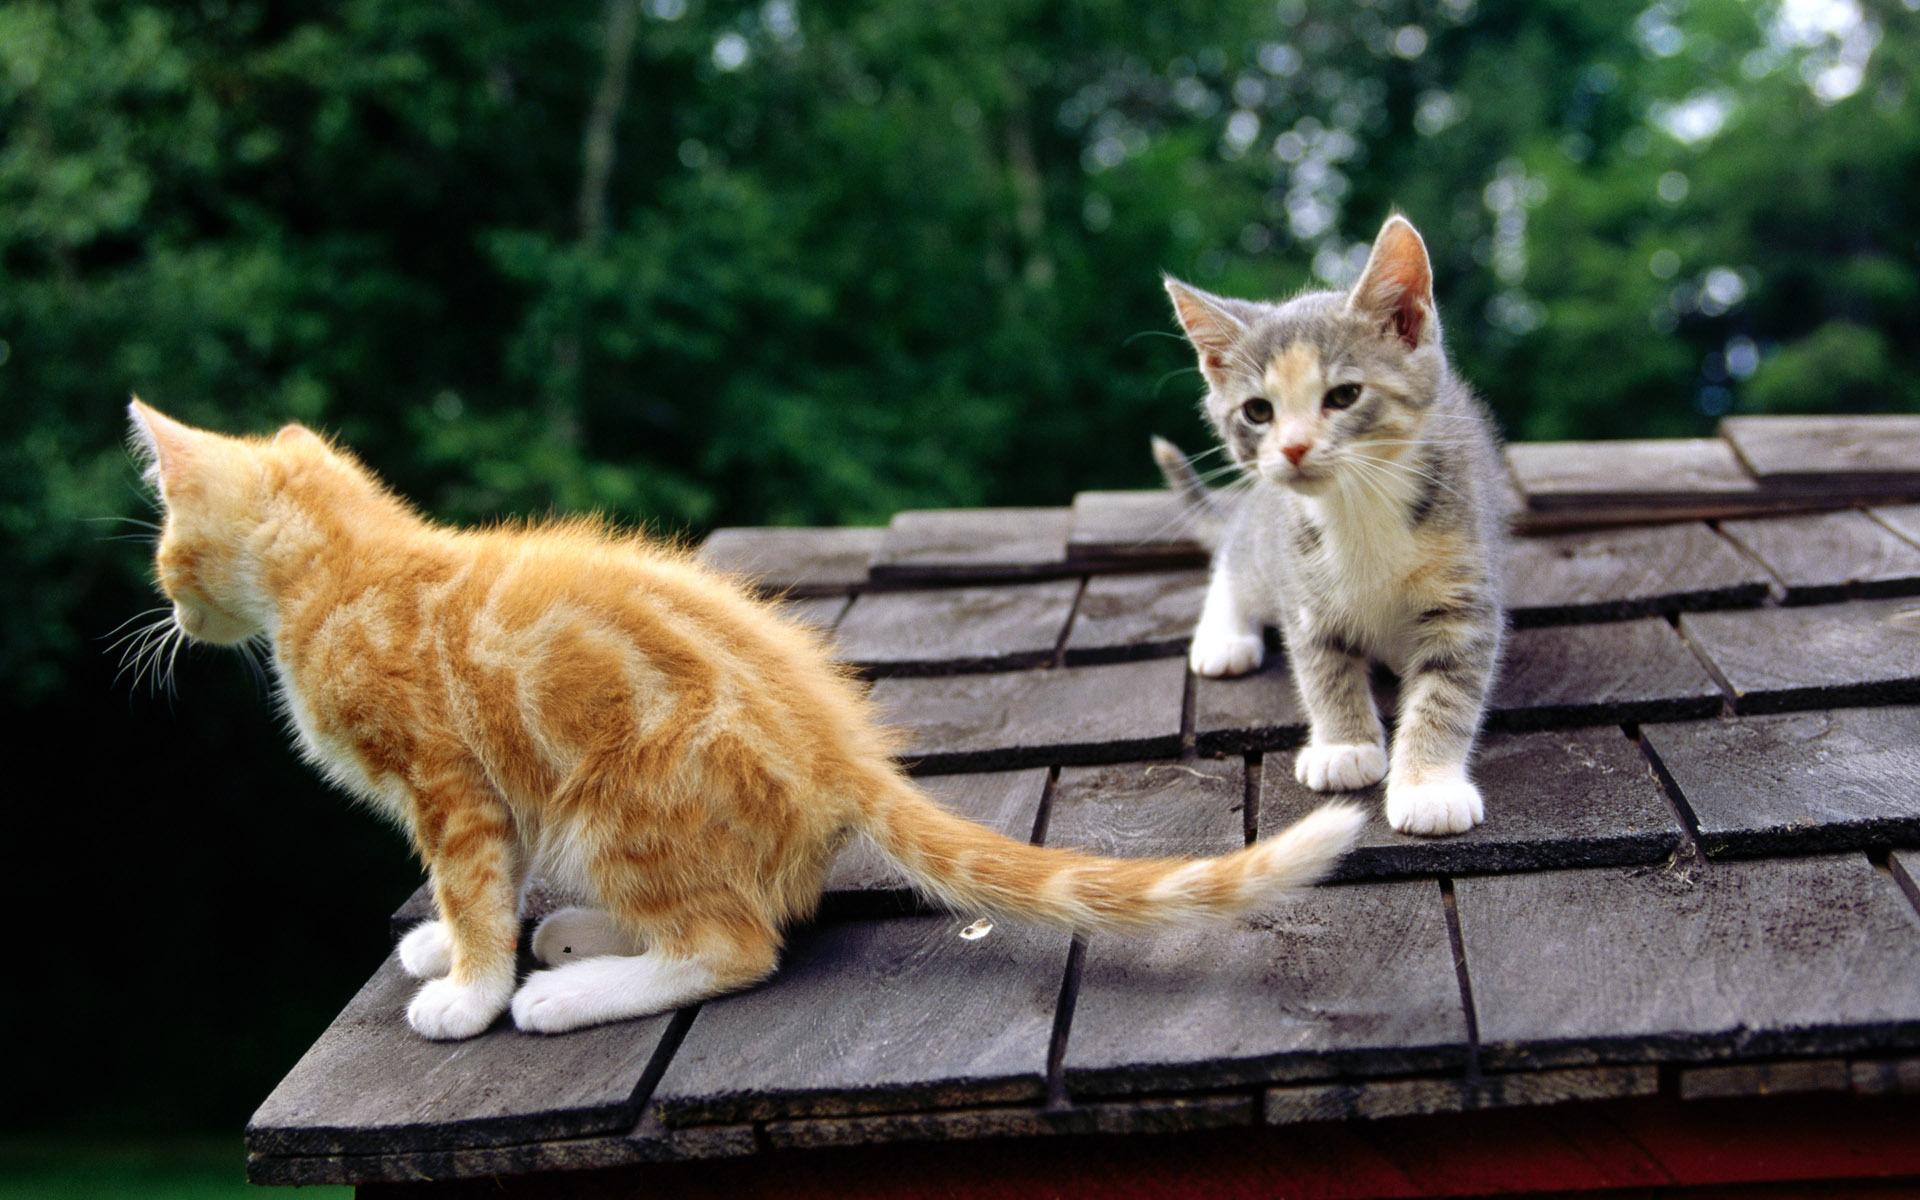 喵星人高清壁纸; 标签:可爱猫咪壁纸; 可爱小猫咪桌面高清壁纸